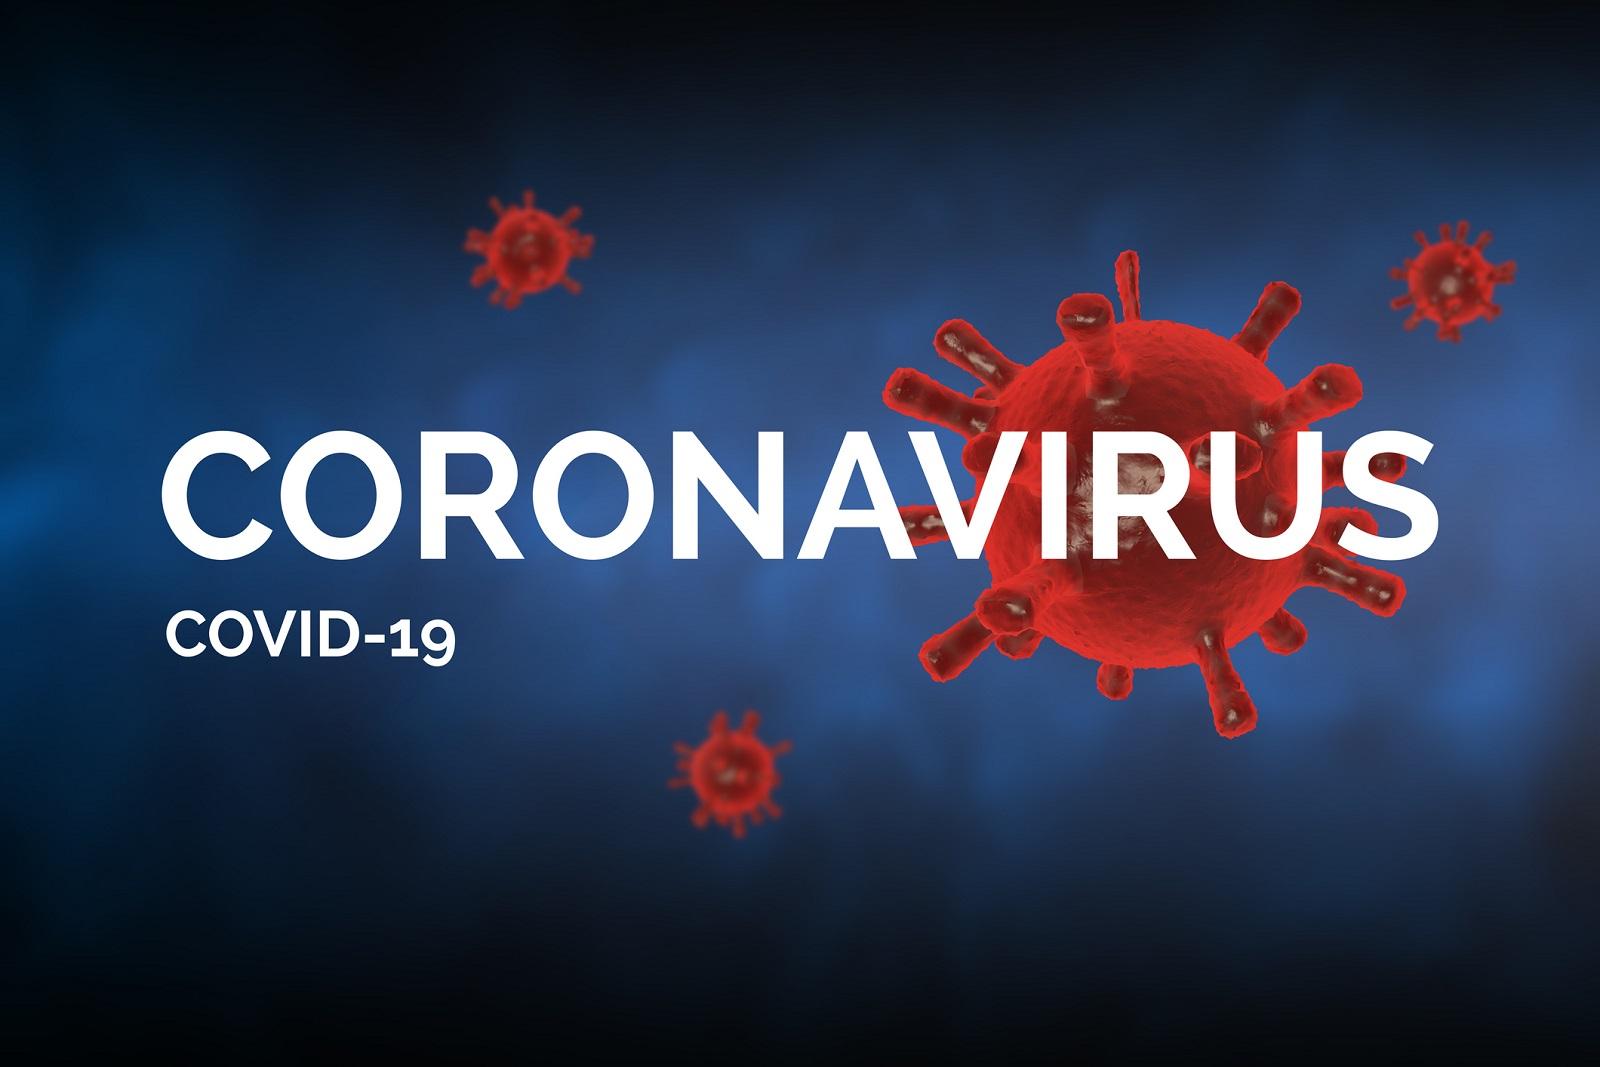 spedycja morska w dobie koronawirusa